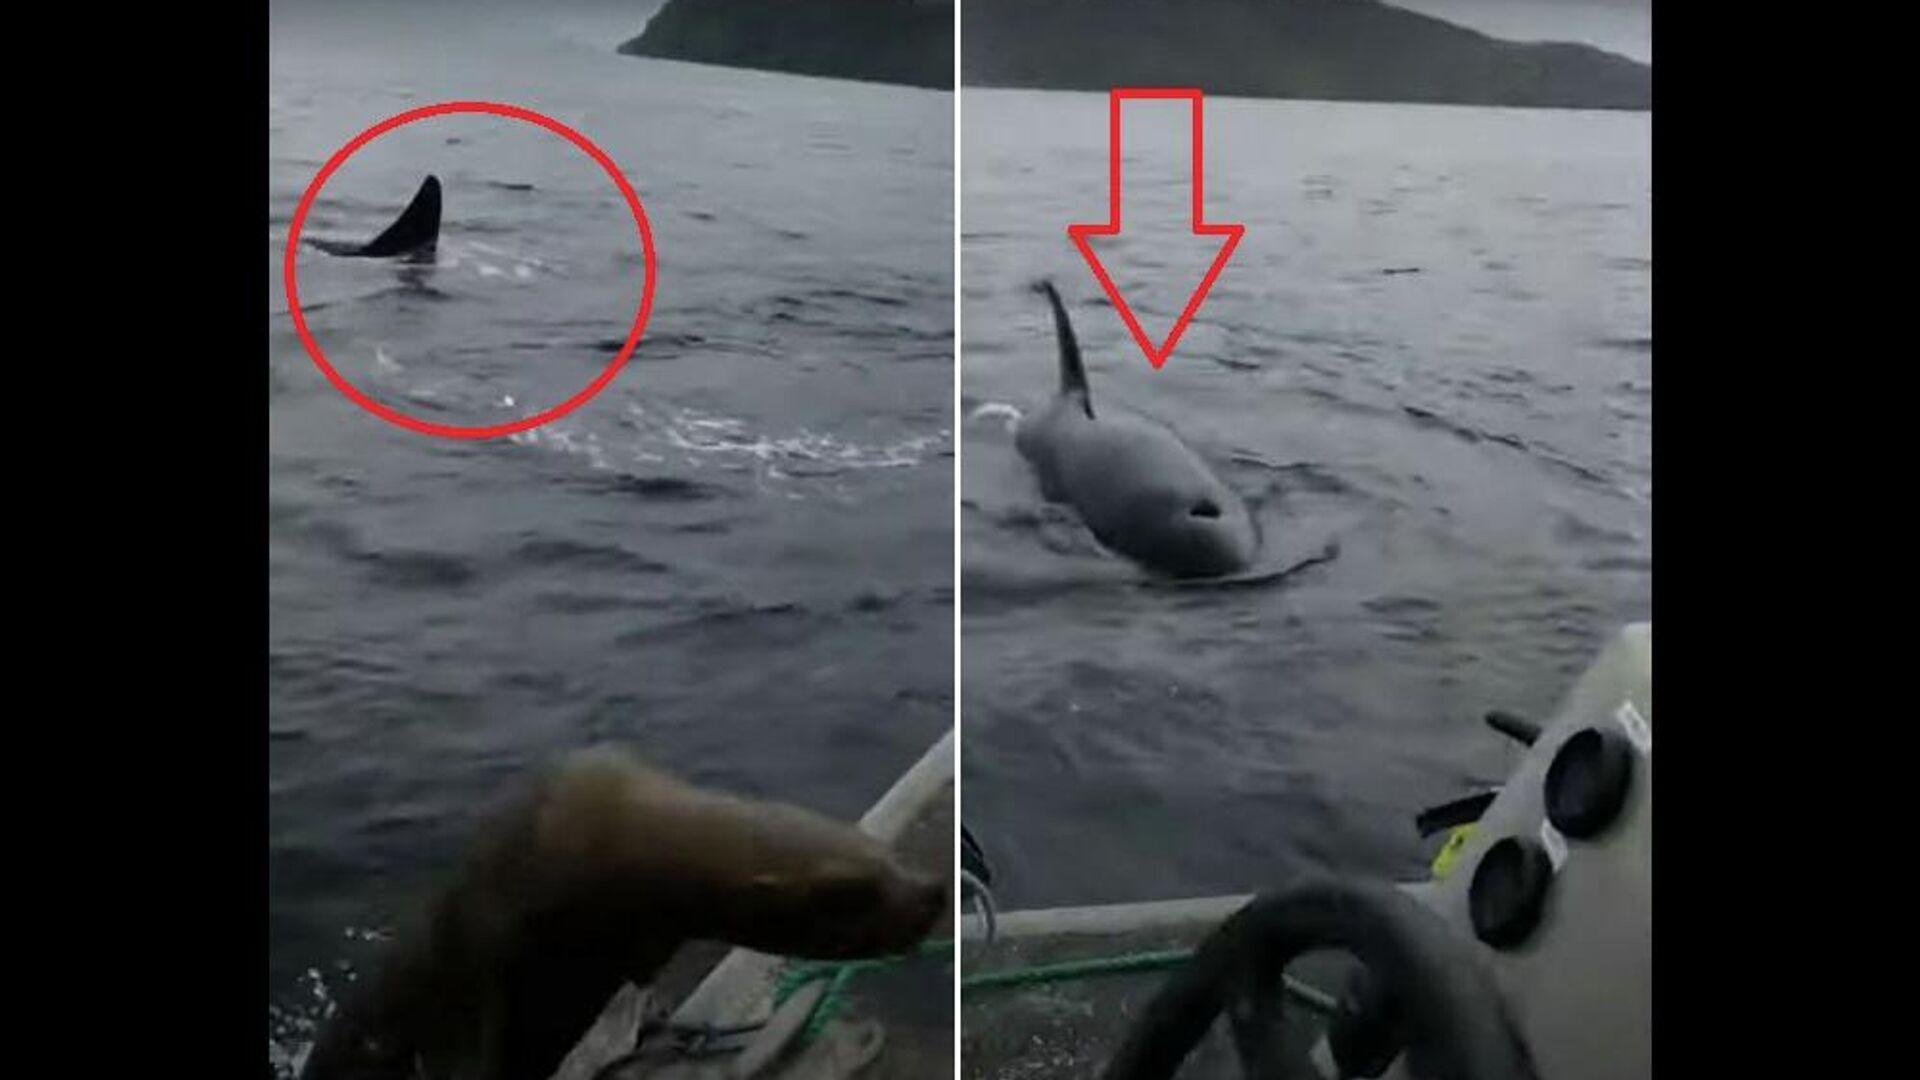 Θαλάσσιος λέοντας ανεβαίνει σε βάρκα για να σωθεί από φάλαινες δολοφόνους - Sputnik Ελλάδα, 1920, 29.09.2021